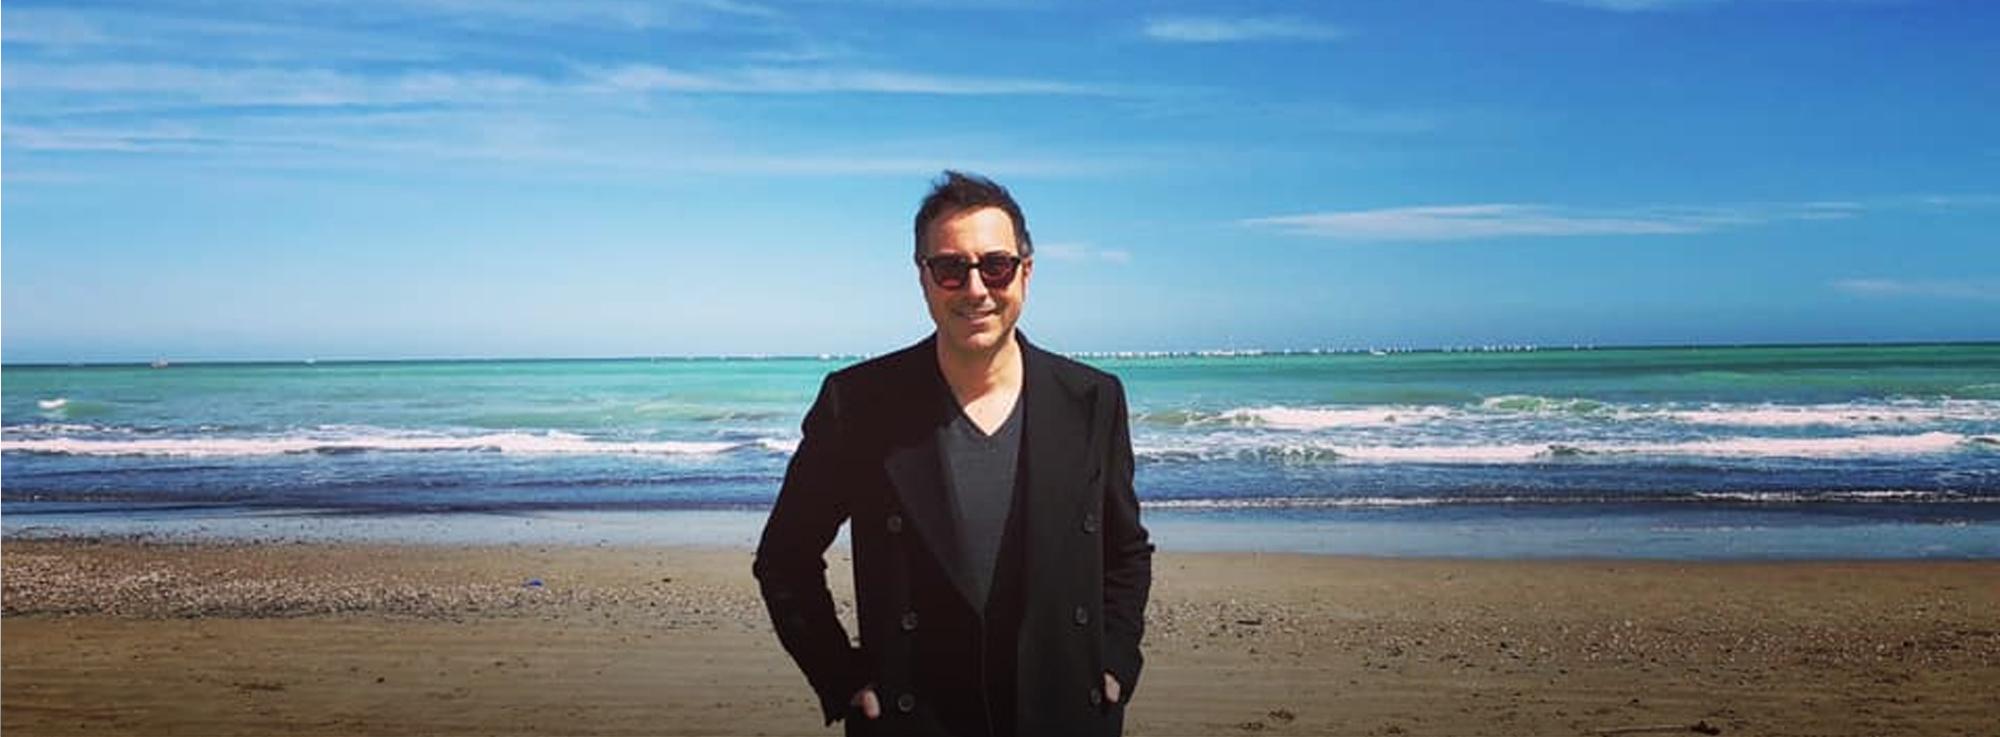 San Severo: So che un giorno tornerai - Luca Bianchini